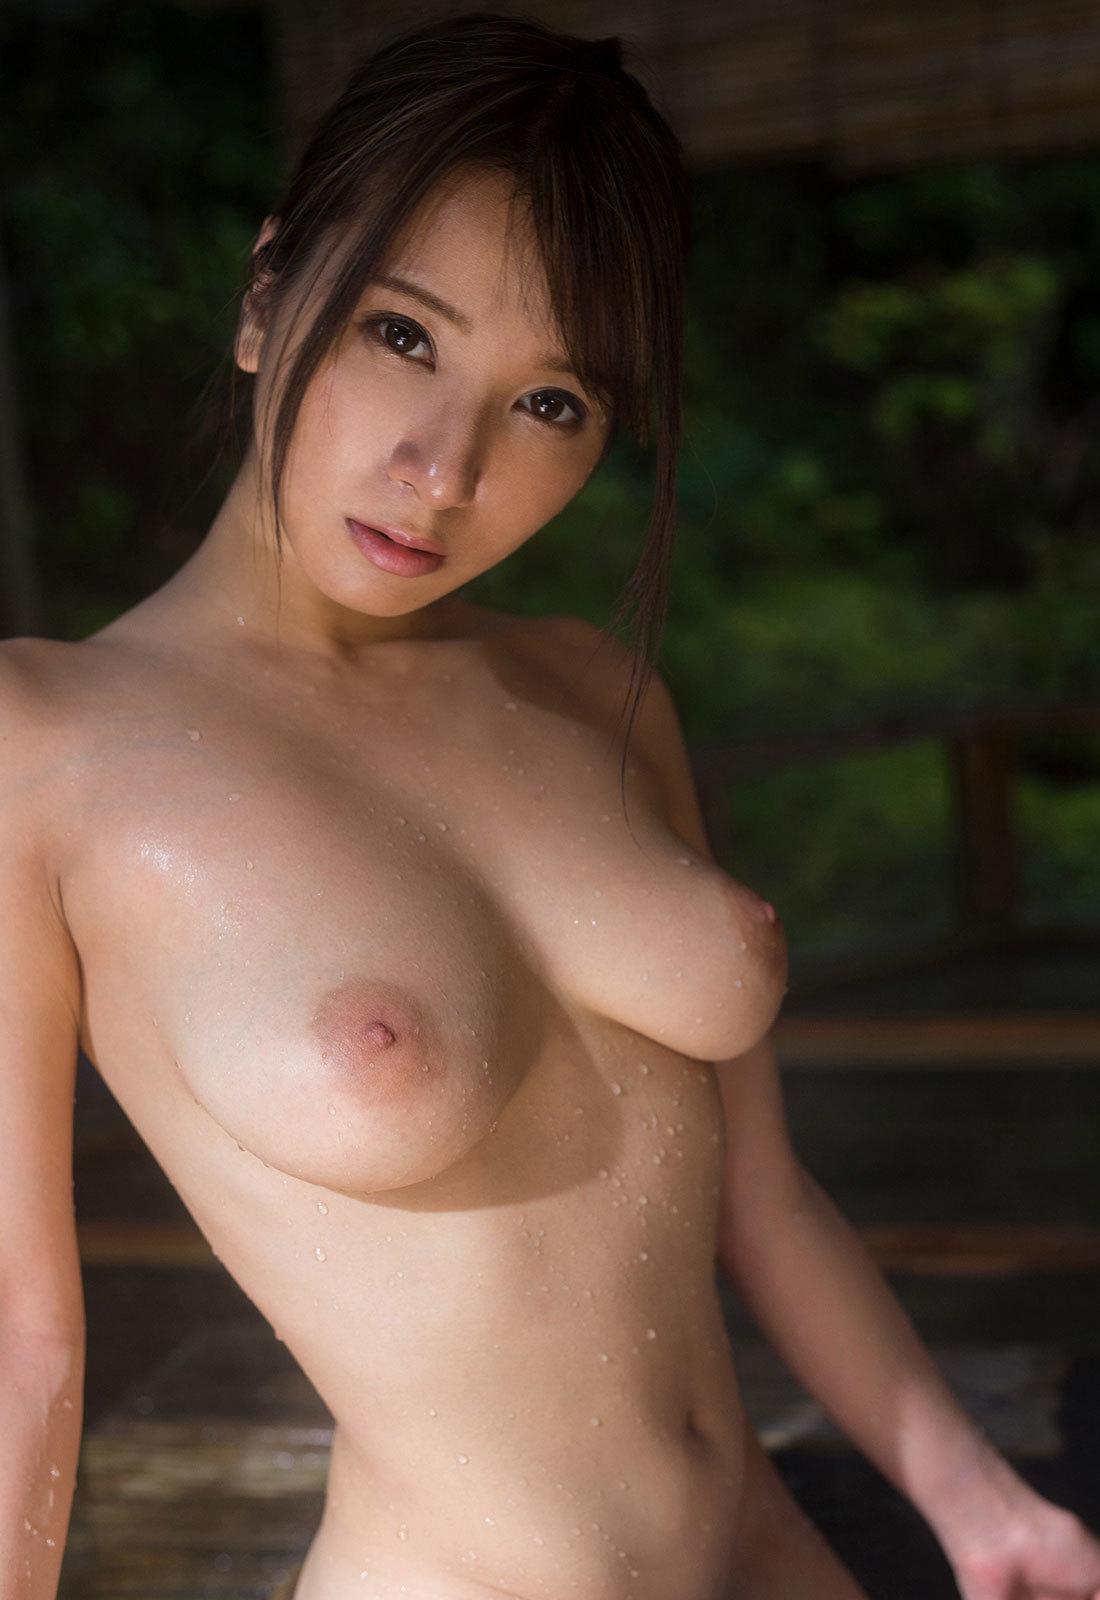 園田みおん 清楚なGカップの美美巨乳お乳に見惚れちゃう えろ写真